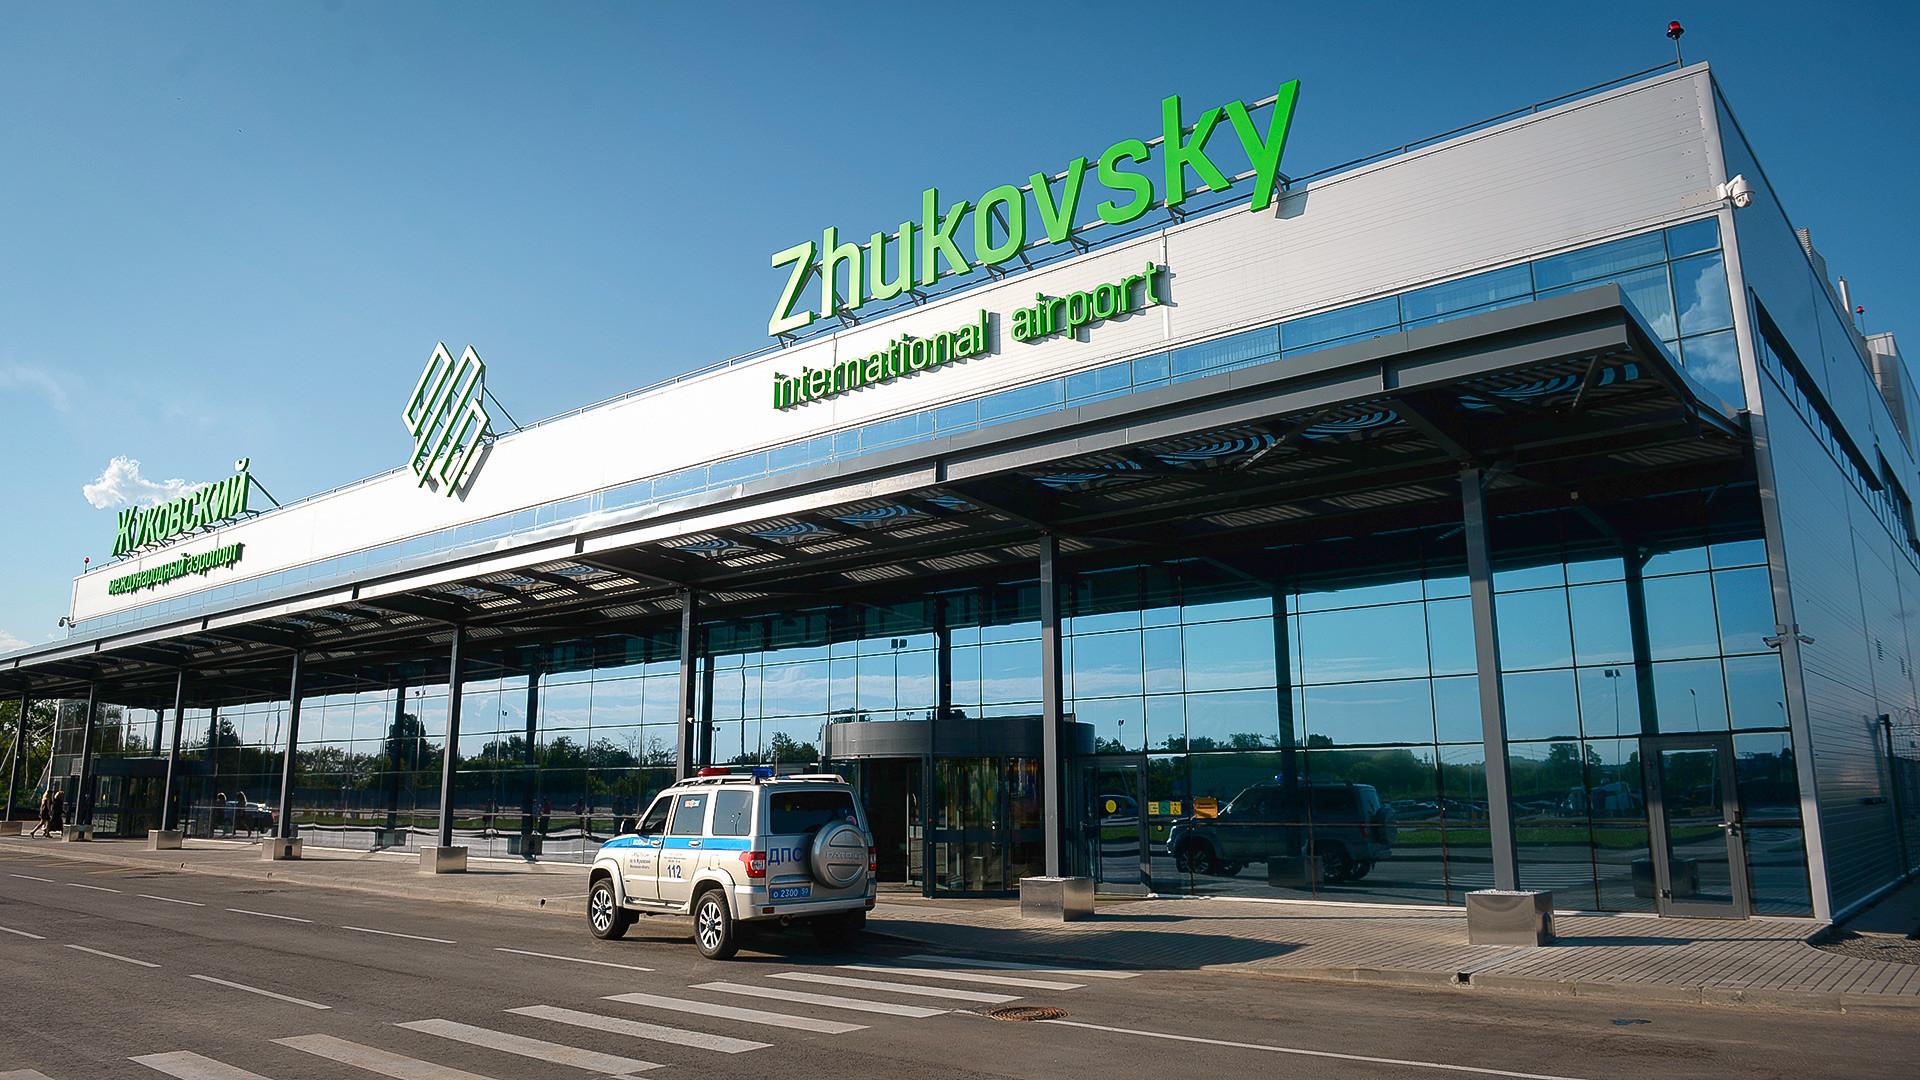 Жуковски